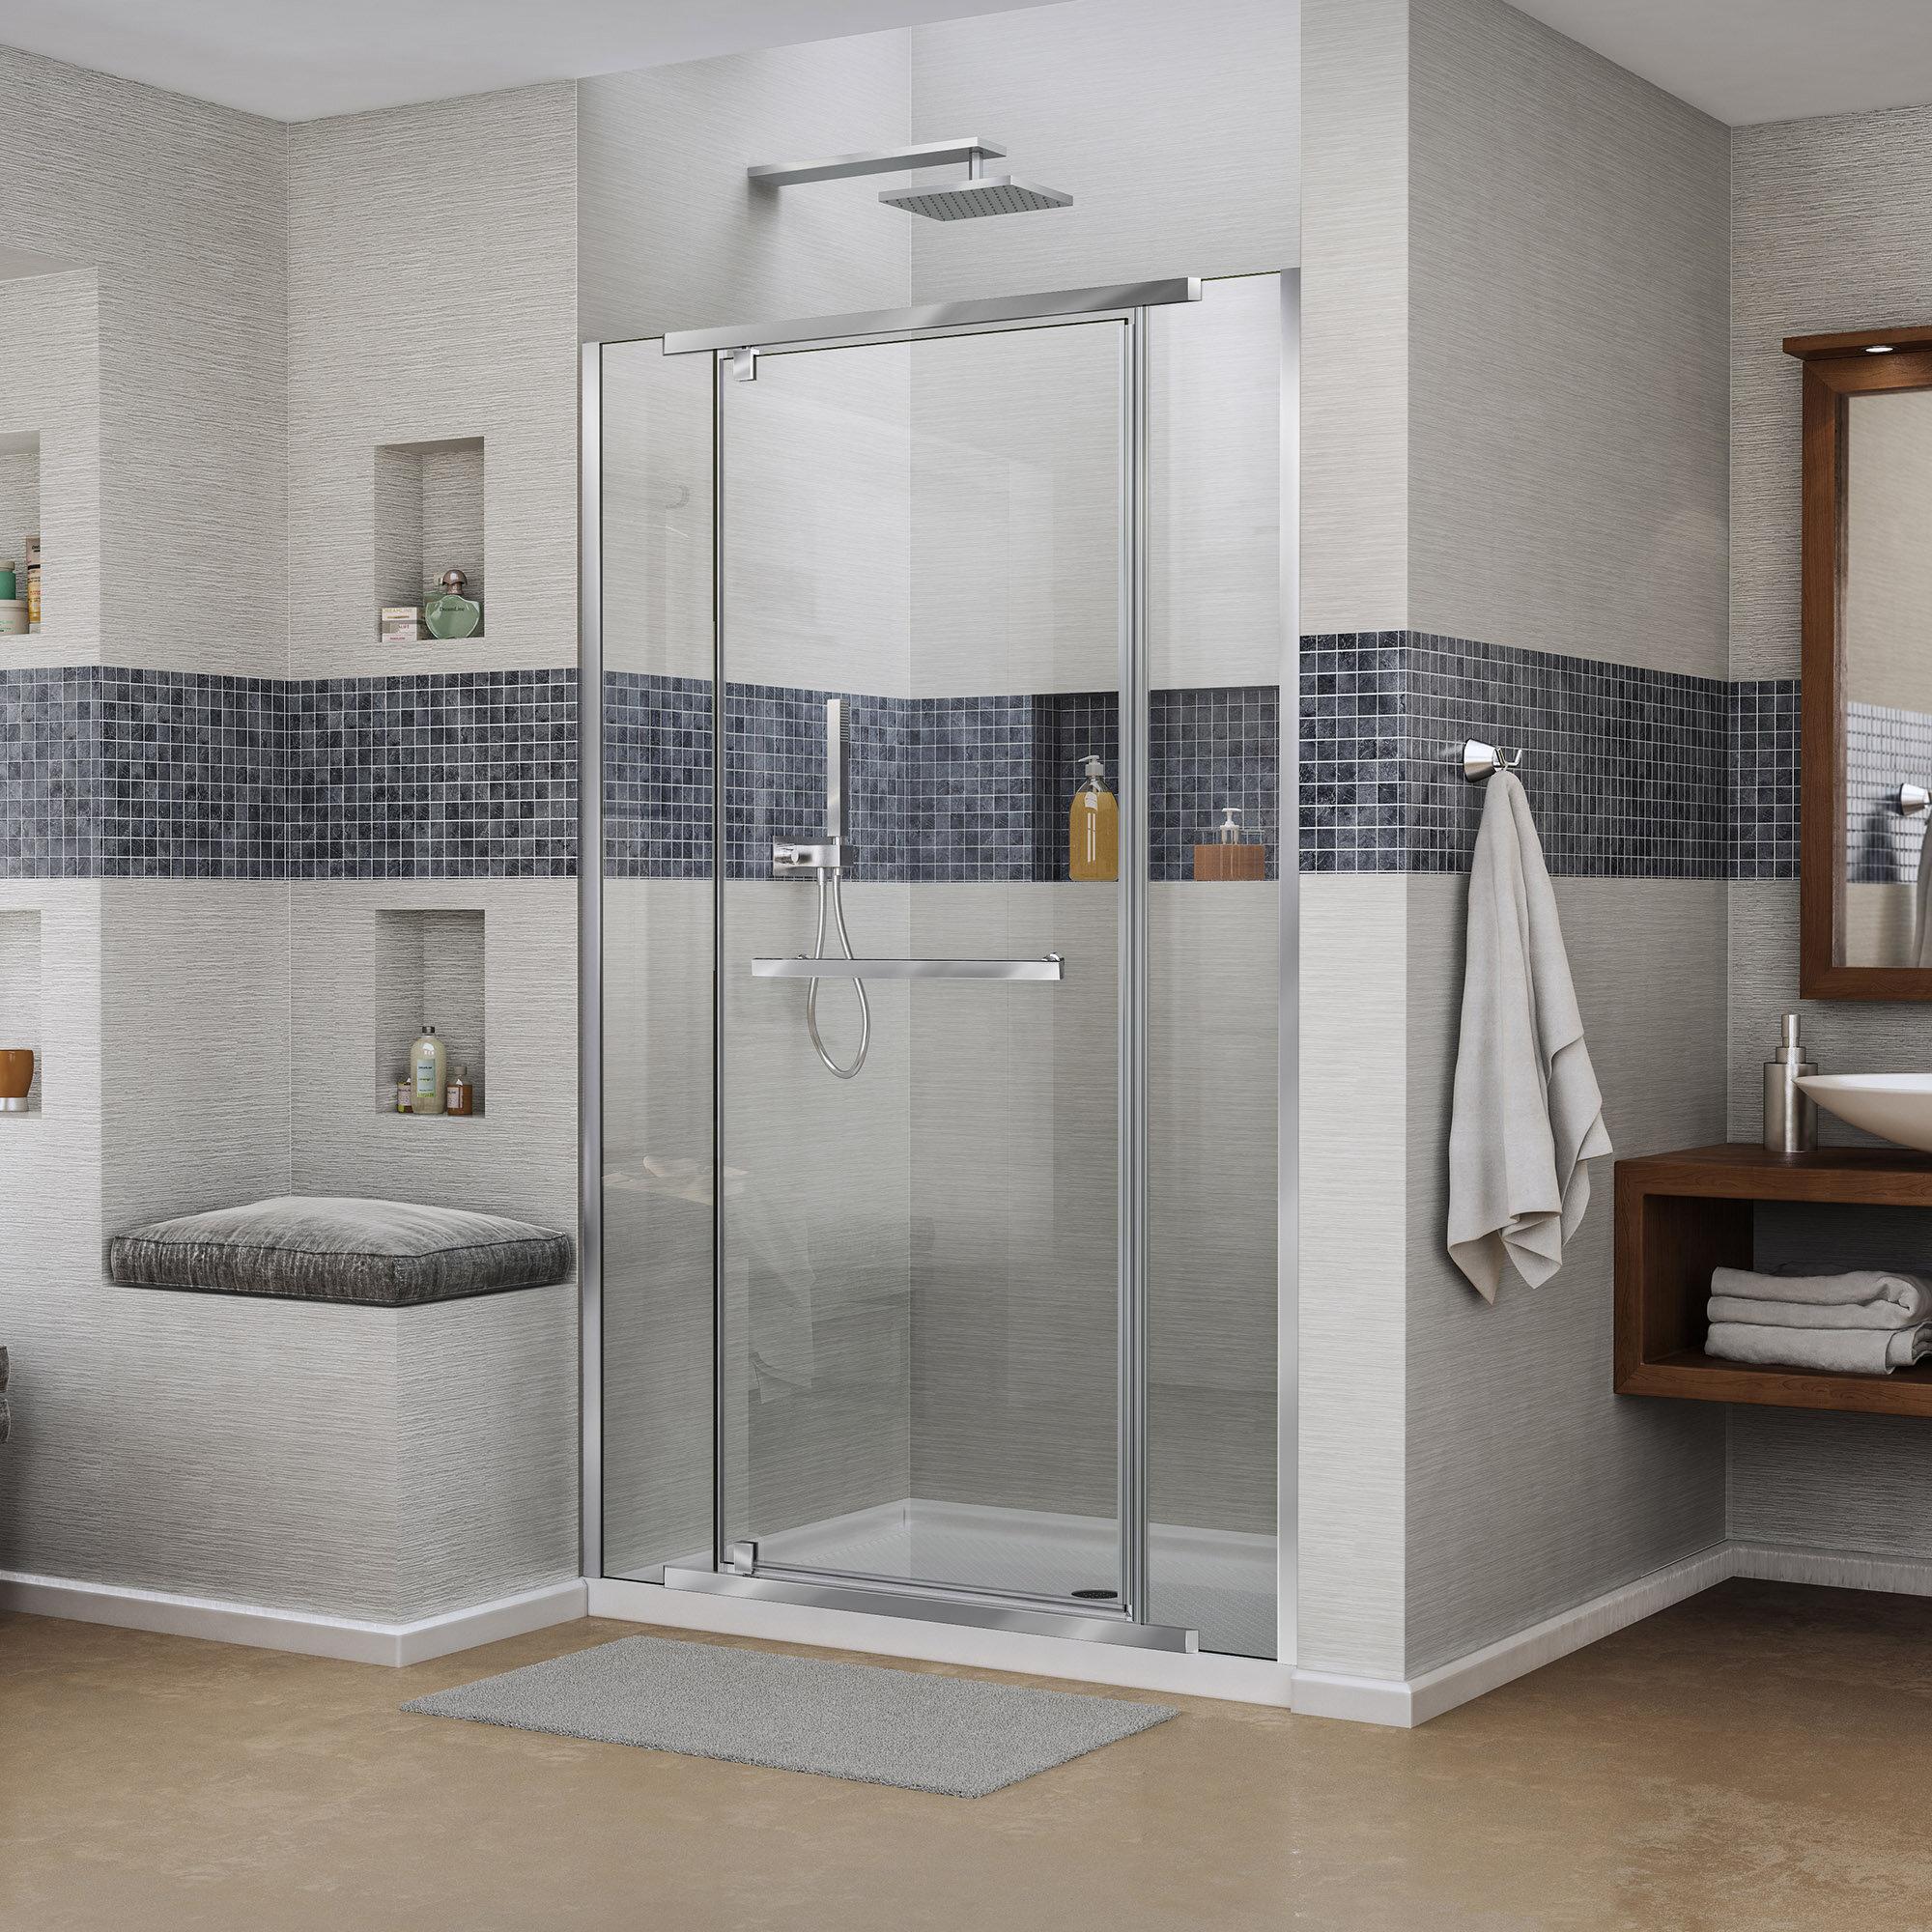 Dreamline Vitreo X 4675 X 72 Pivot Frameless Shower Door Wayfair